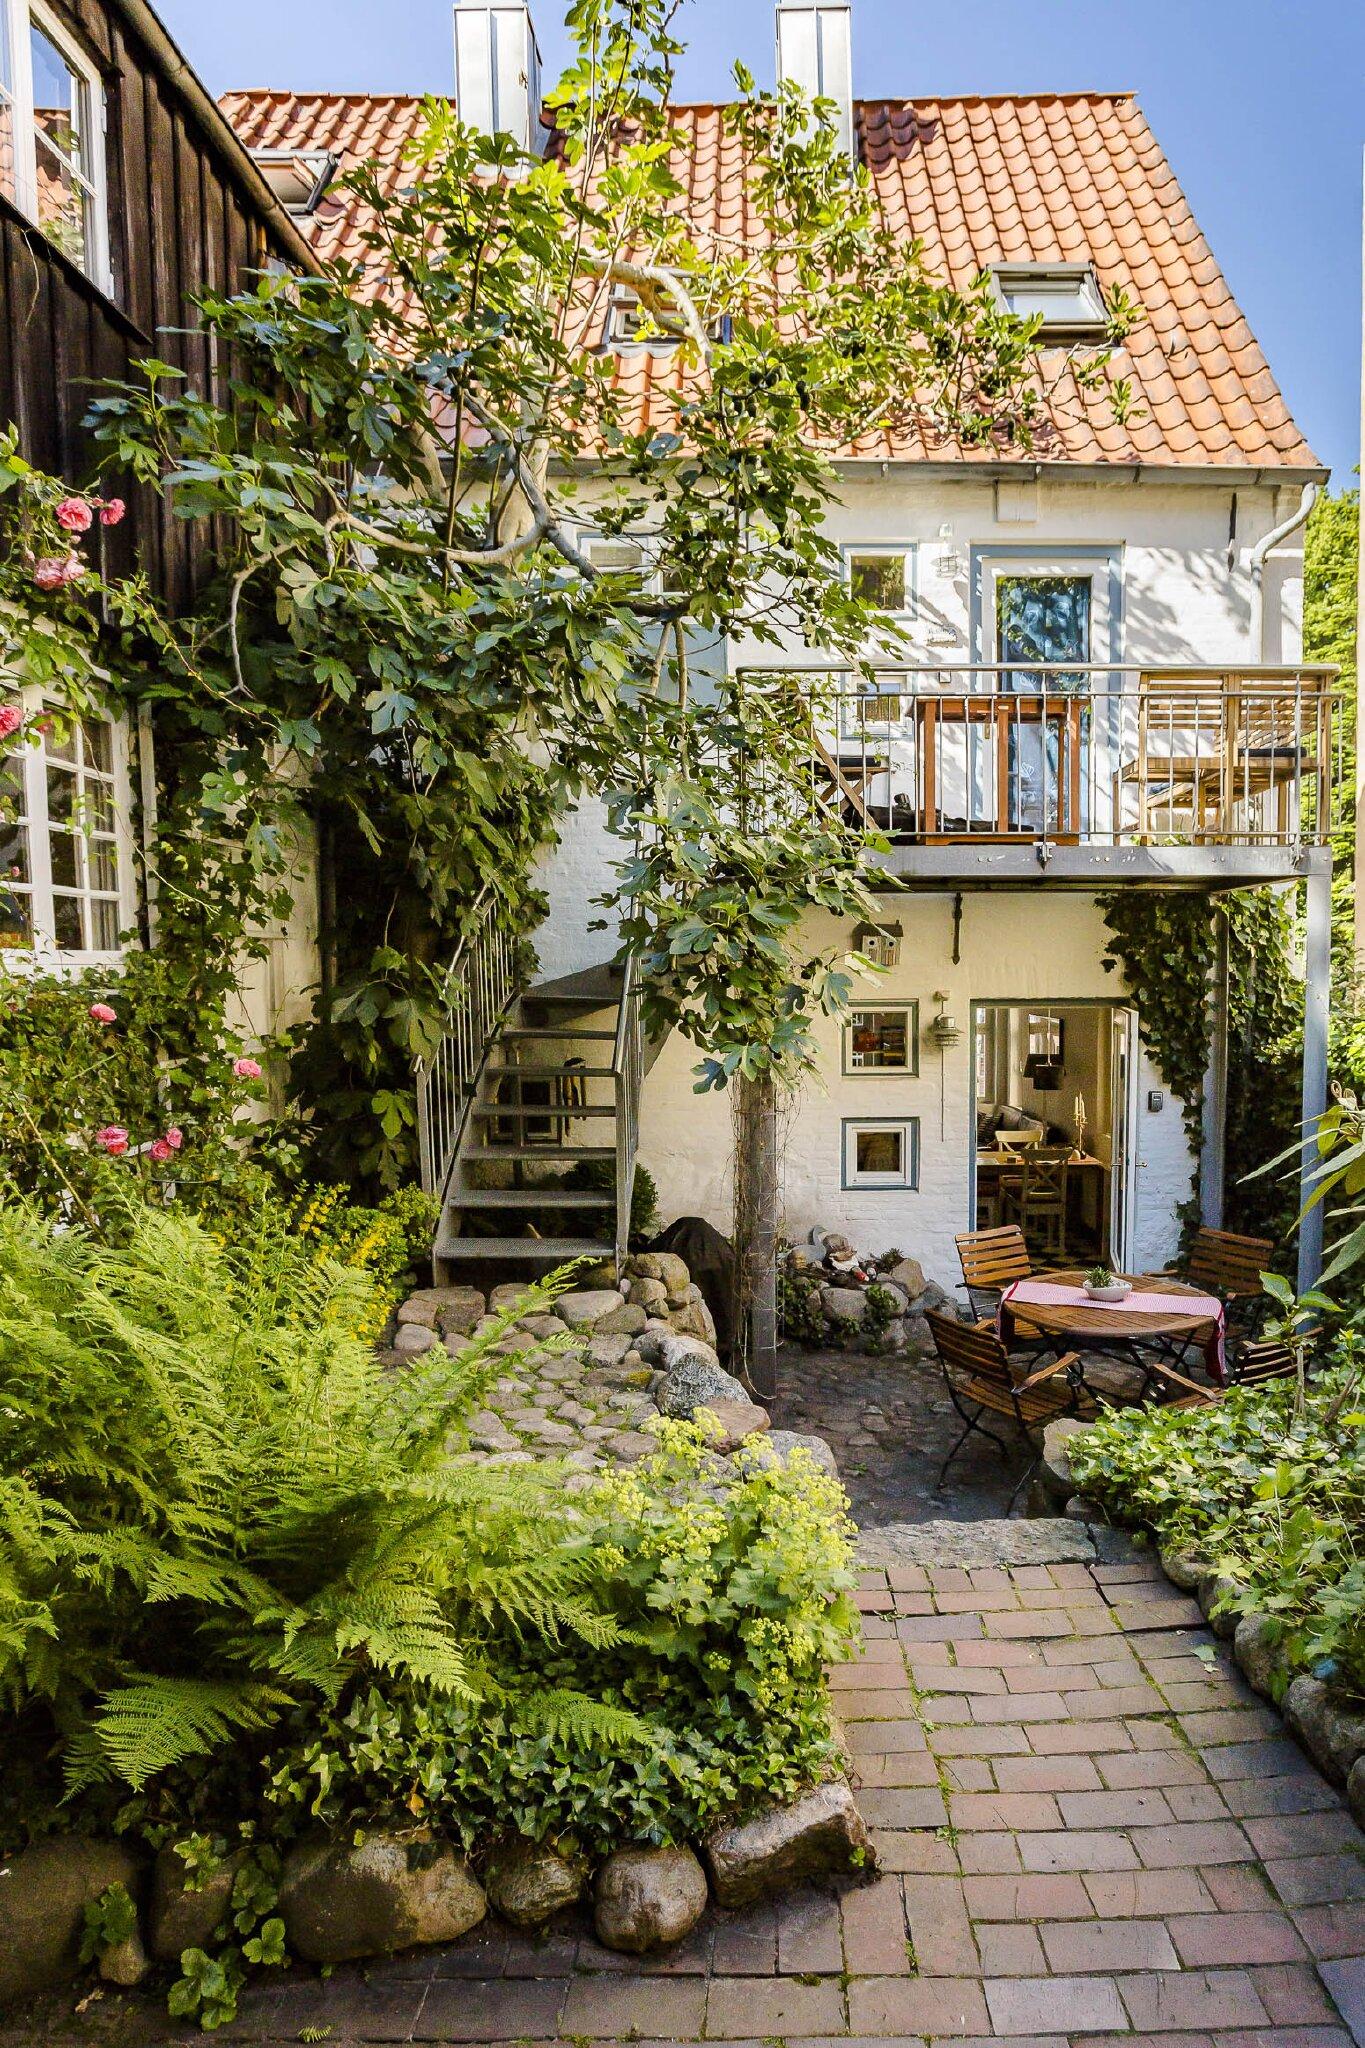 Haus Schlafgemach - Ferienwohnung Hofgarten in Flensburg Schleswig ...